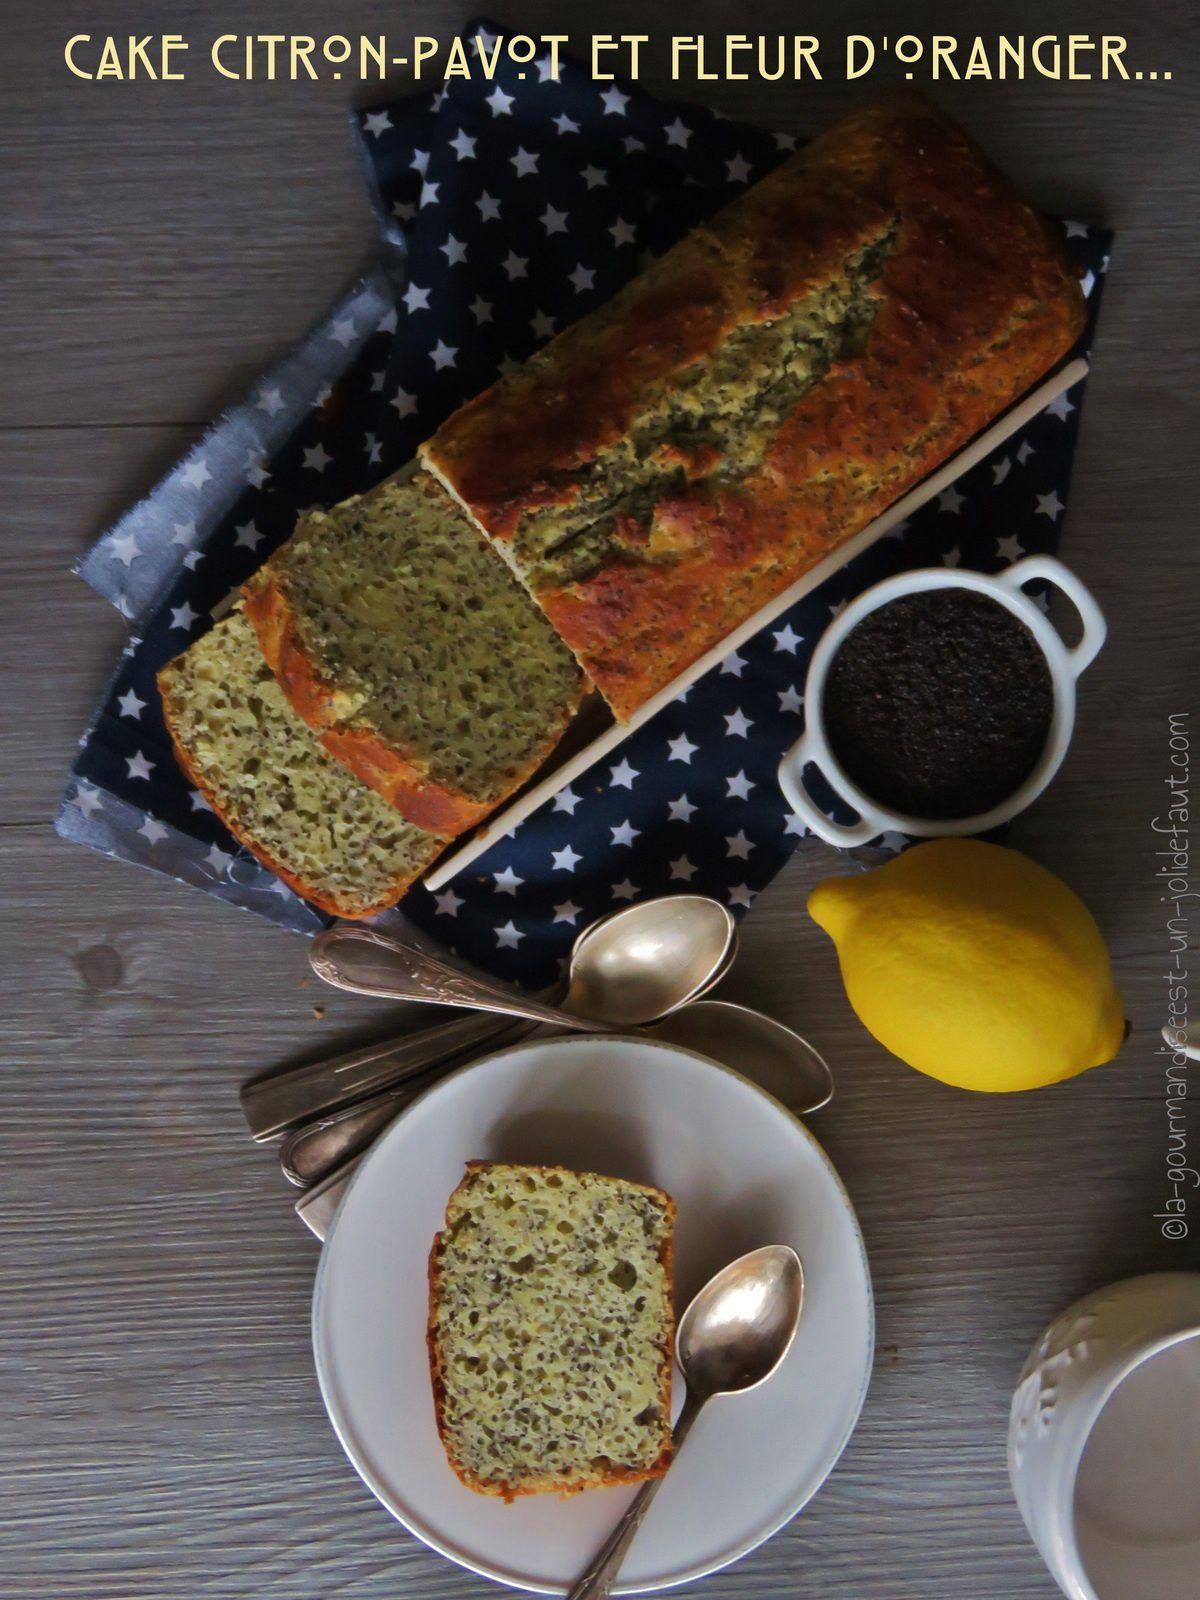 Cake citron-pavot et fleur d'oranger